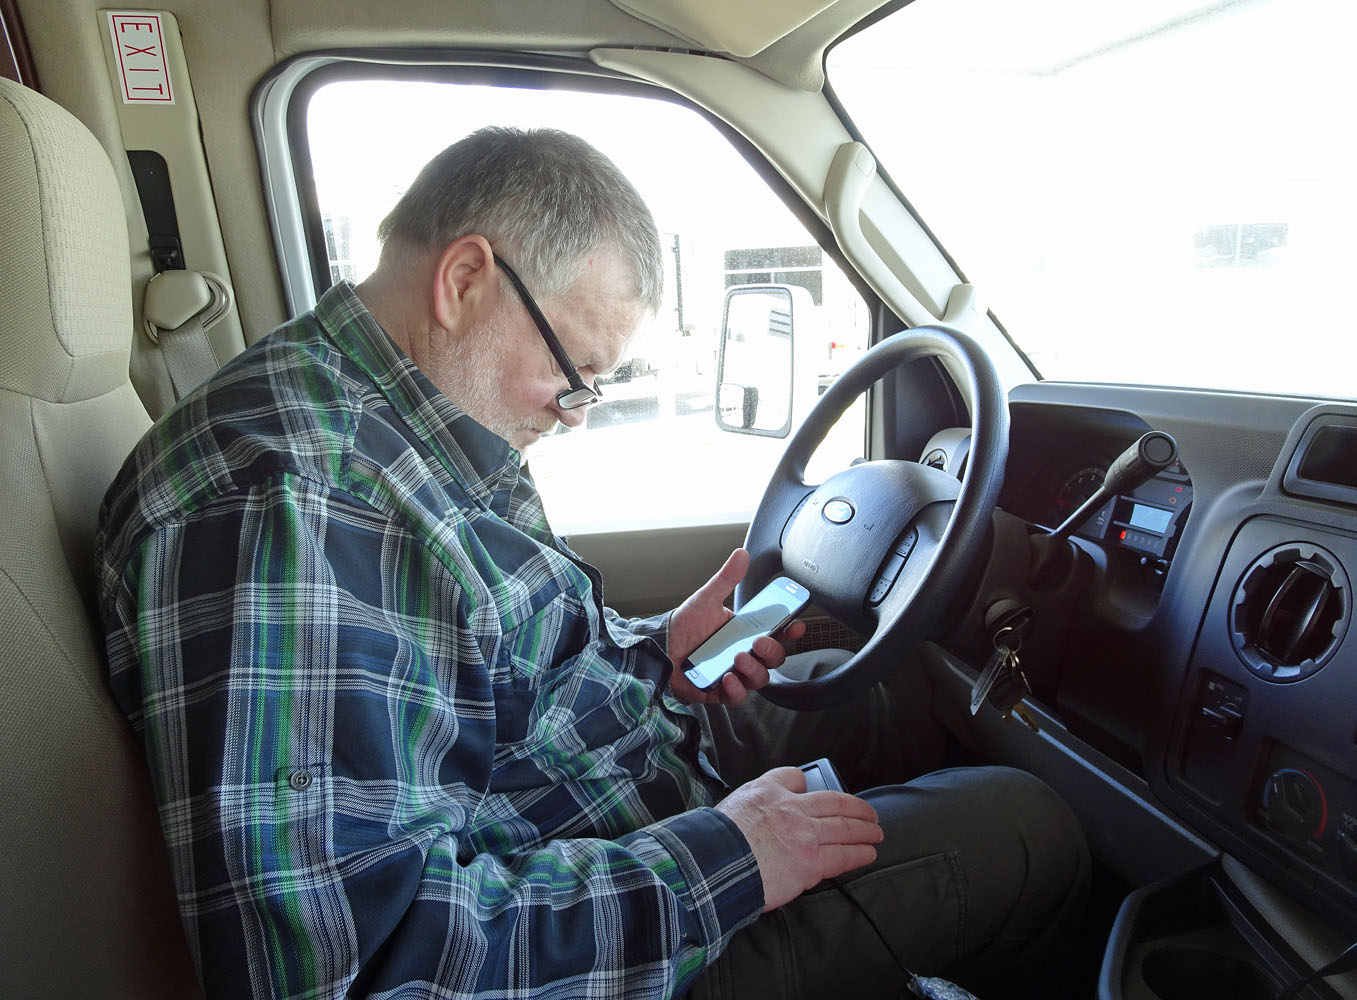 Der Fahrer: Gramgebeugt über dem Navigationsgerät.